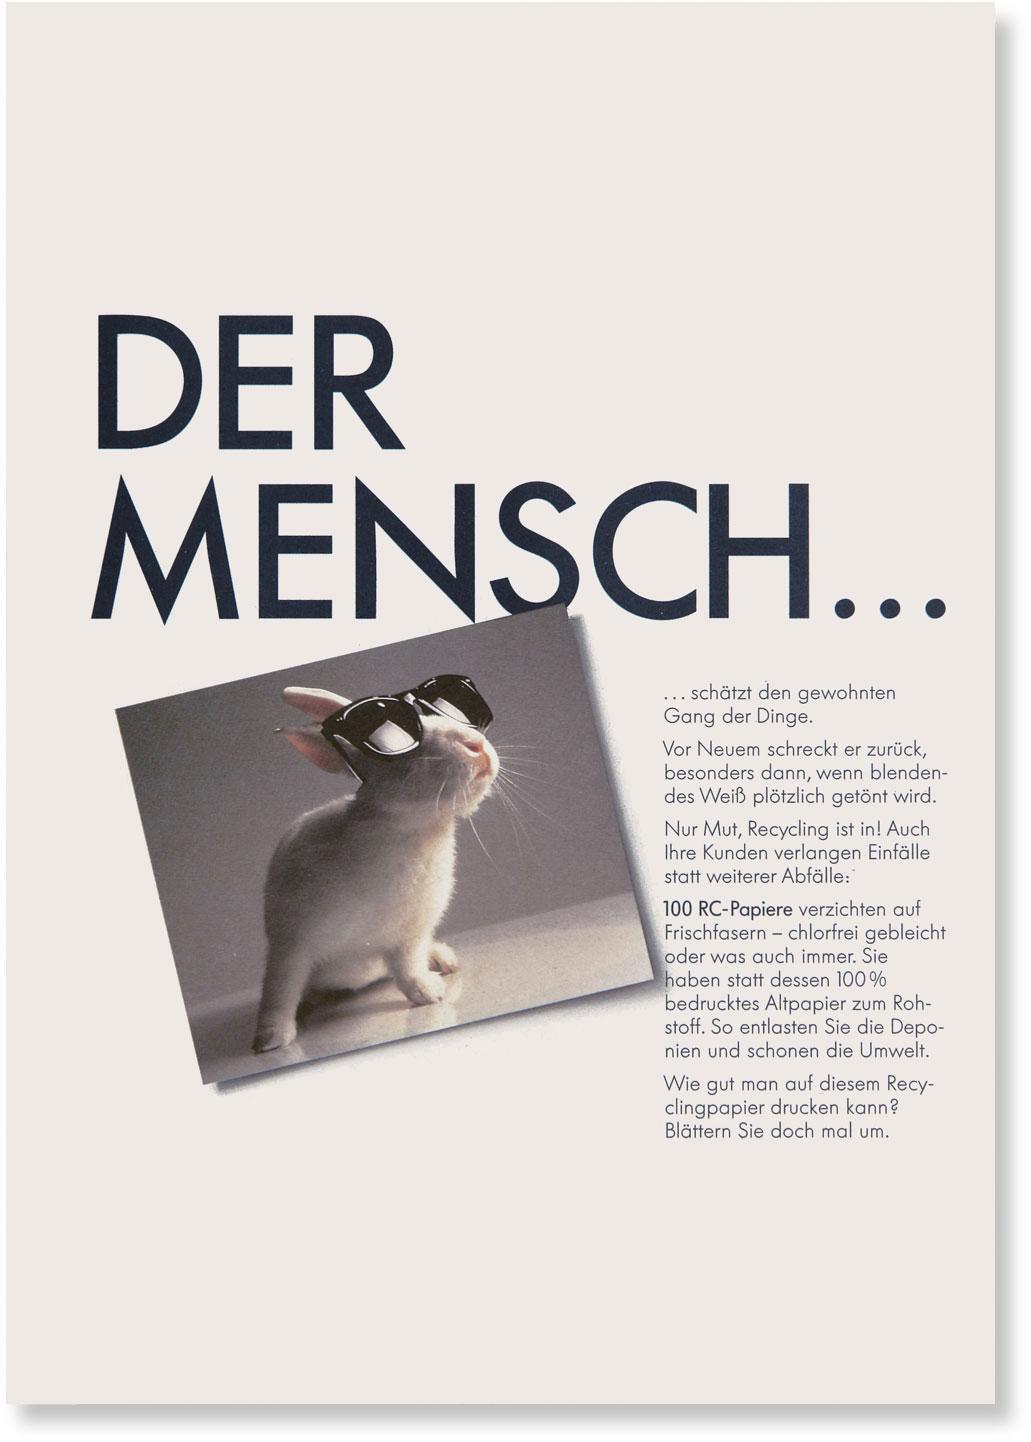 Titelseite mit Schlagwort DER MENSCH ...